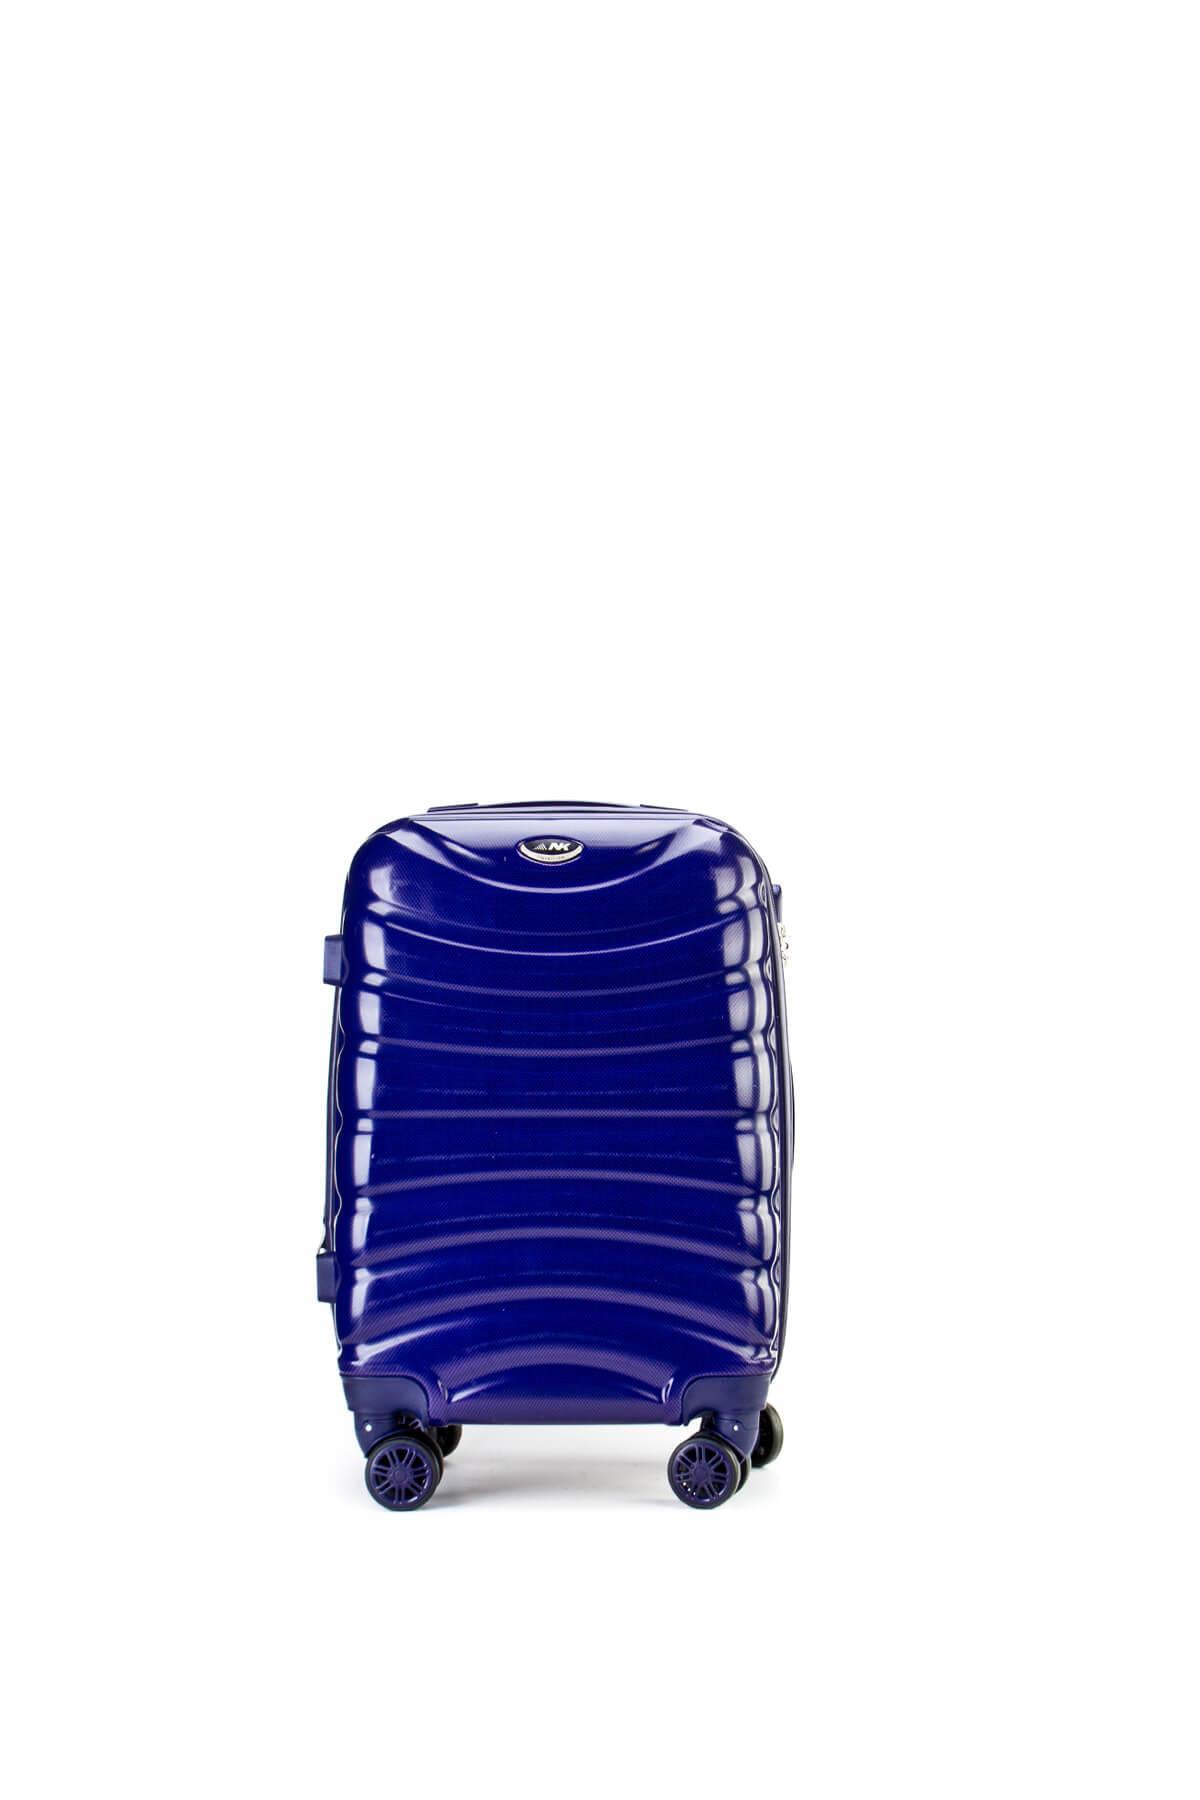 NK Premium Mor Orta Boy Valiz 8YUC33VA002R04 1